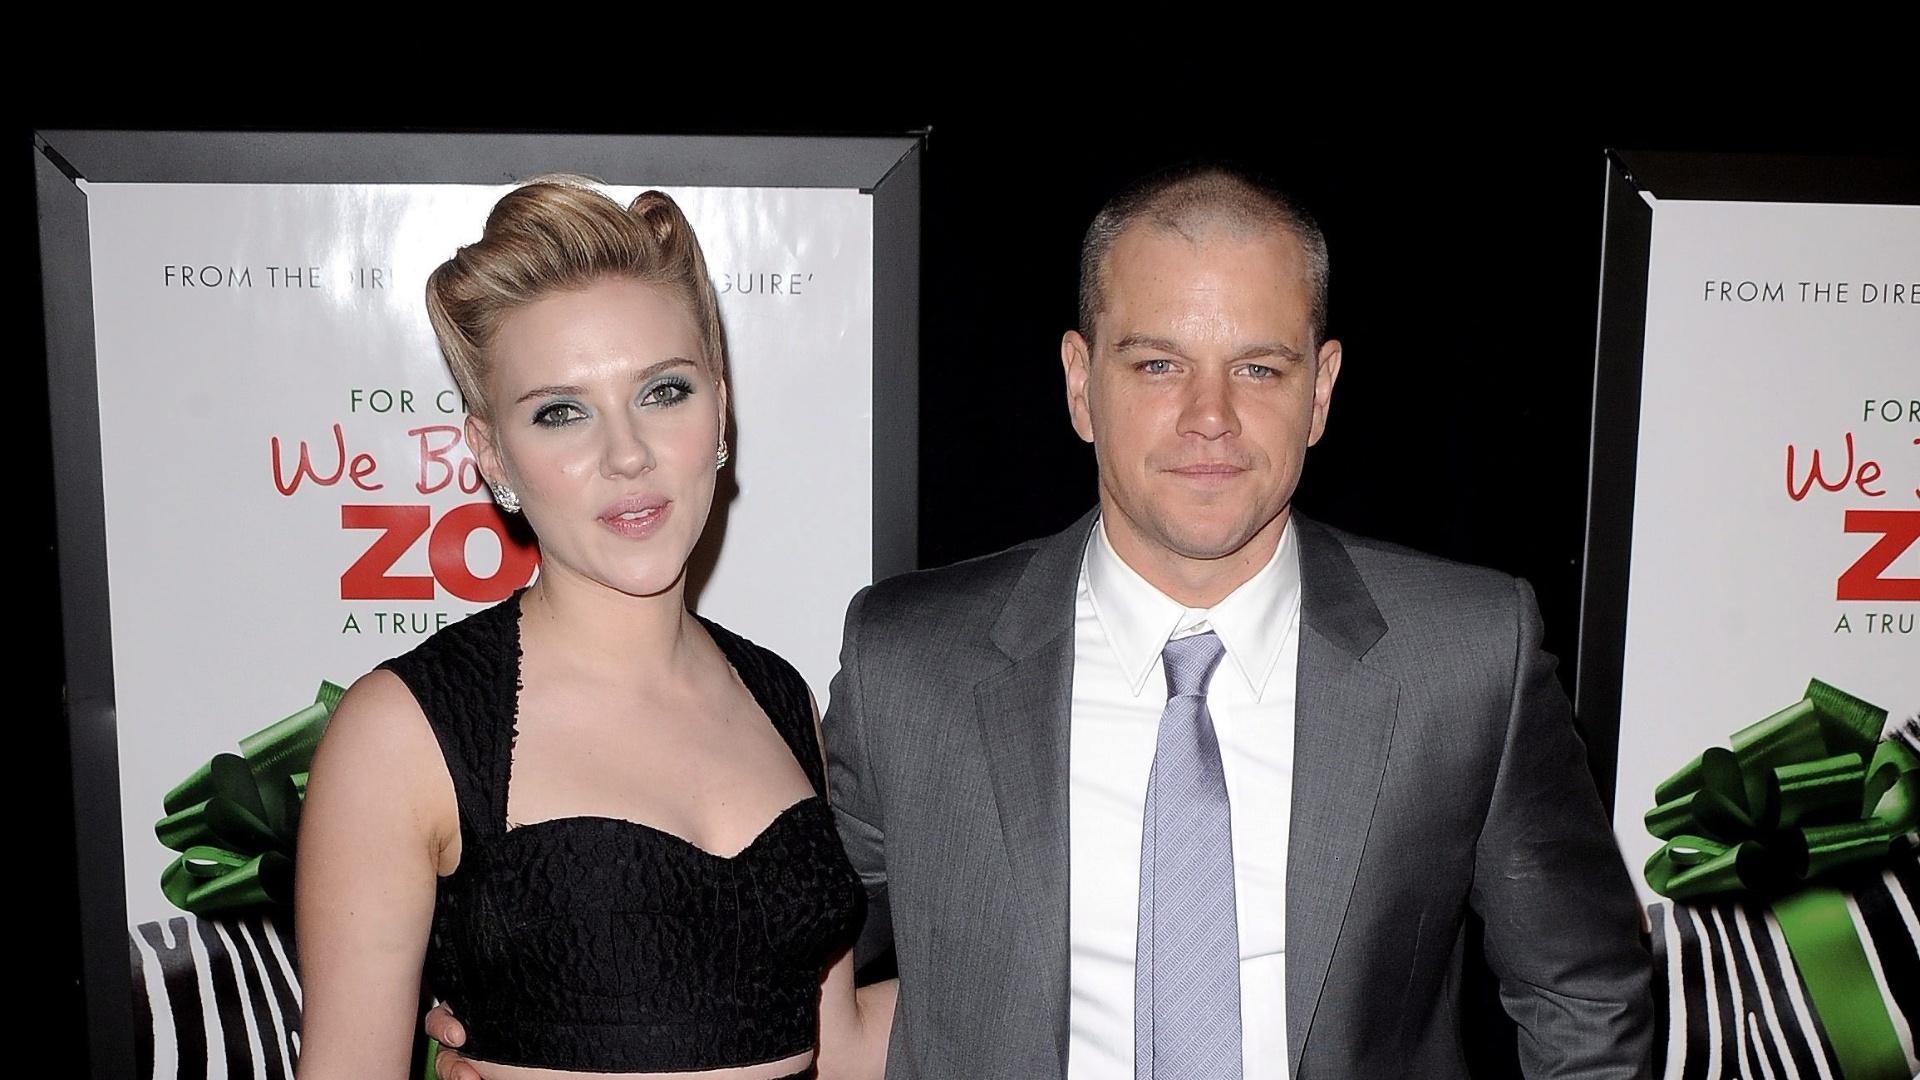 Sorridentes, Scarlett Johansson e Matt Damon vão à pré-estreia do filme